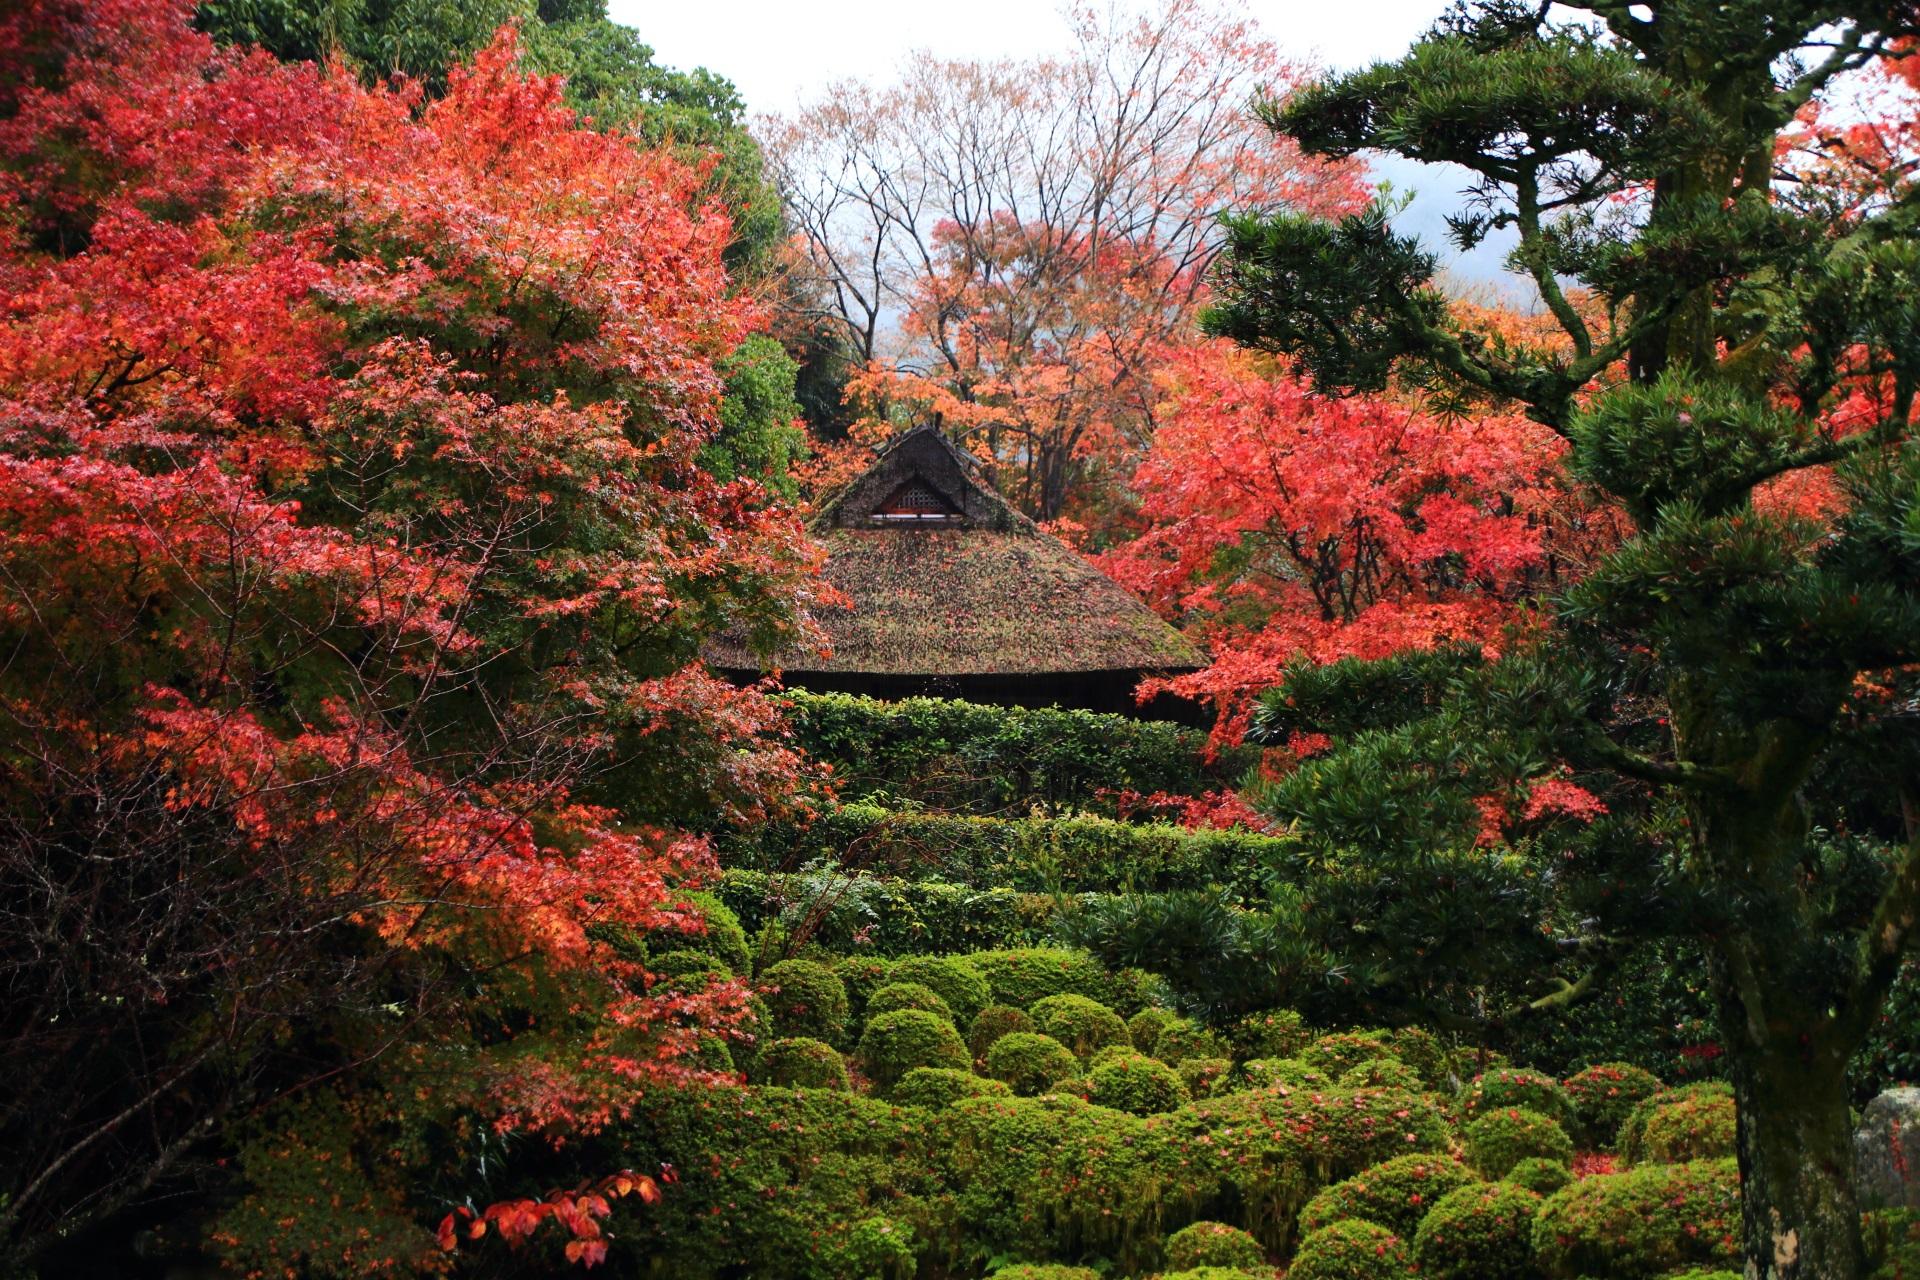 金福寺の芭蕉庵と溢れる紅葉